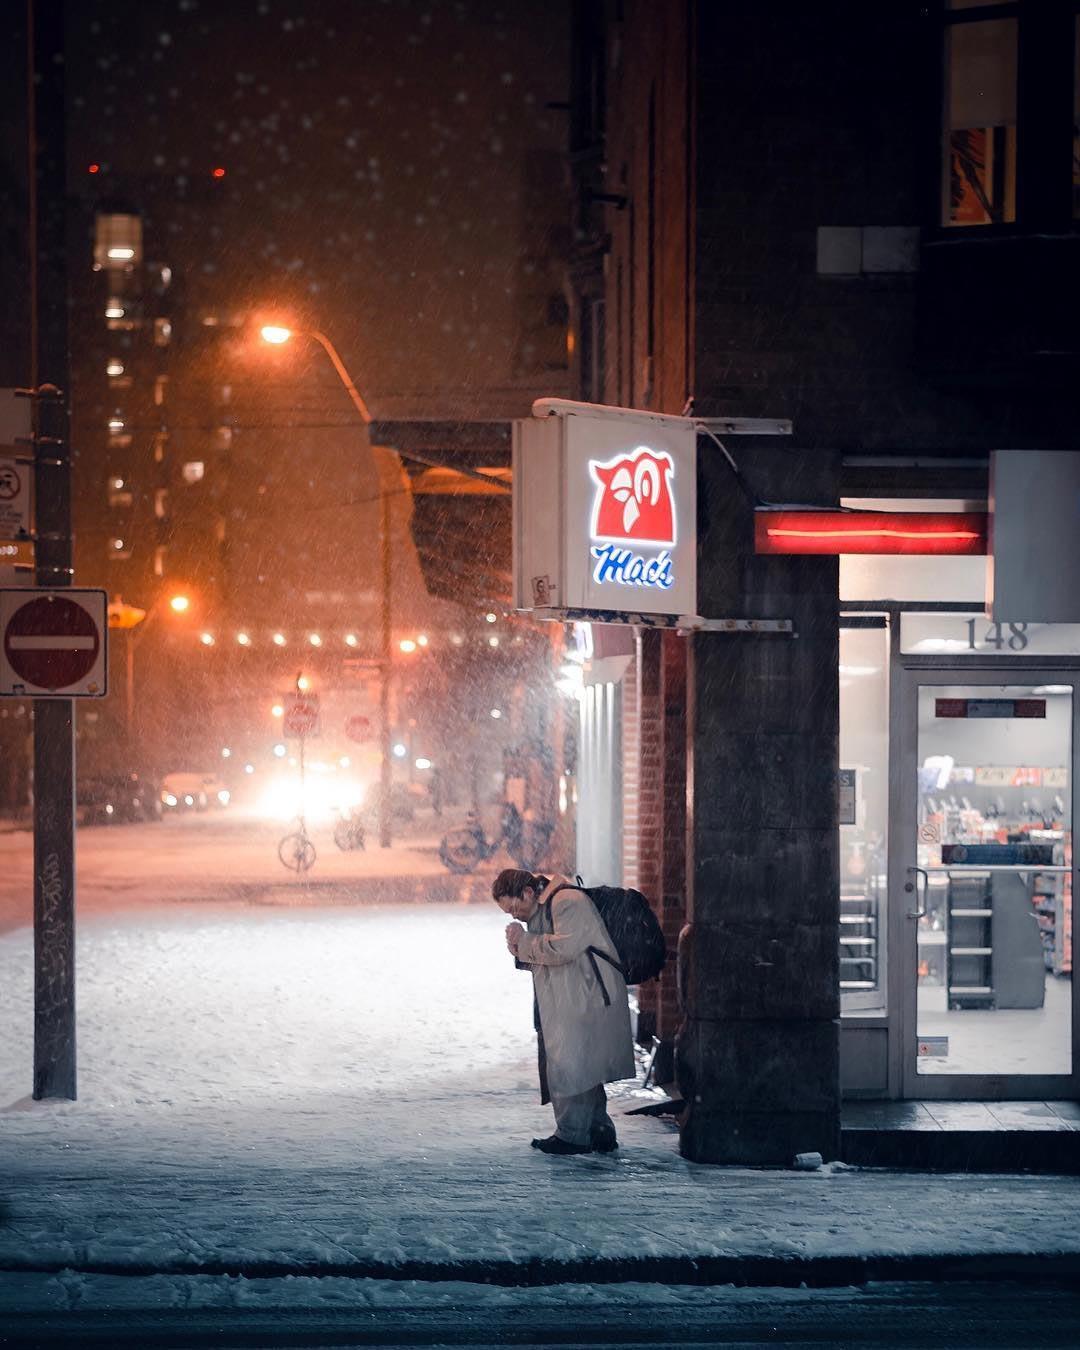 Когда остается только грусть фотопроект Даниэль Кракен Daniel Kraken